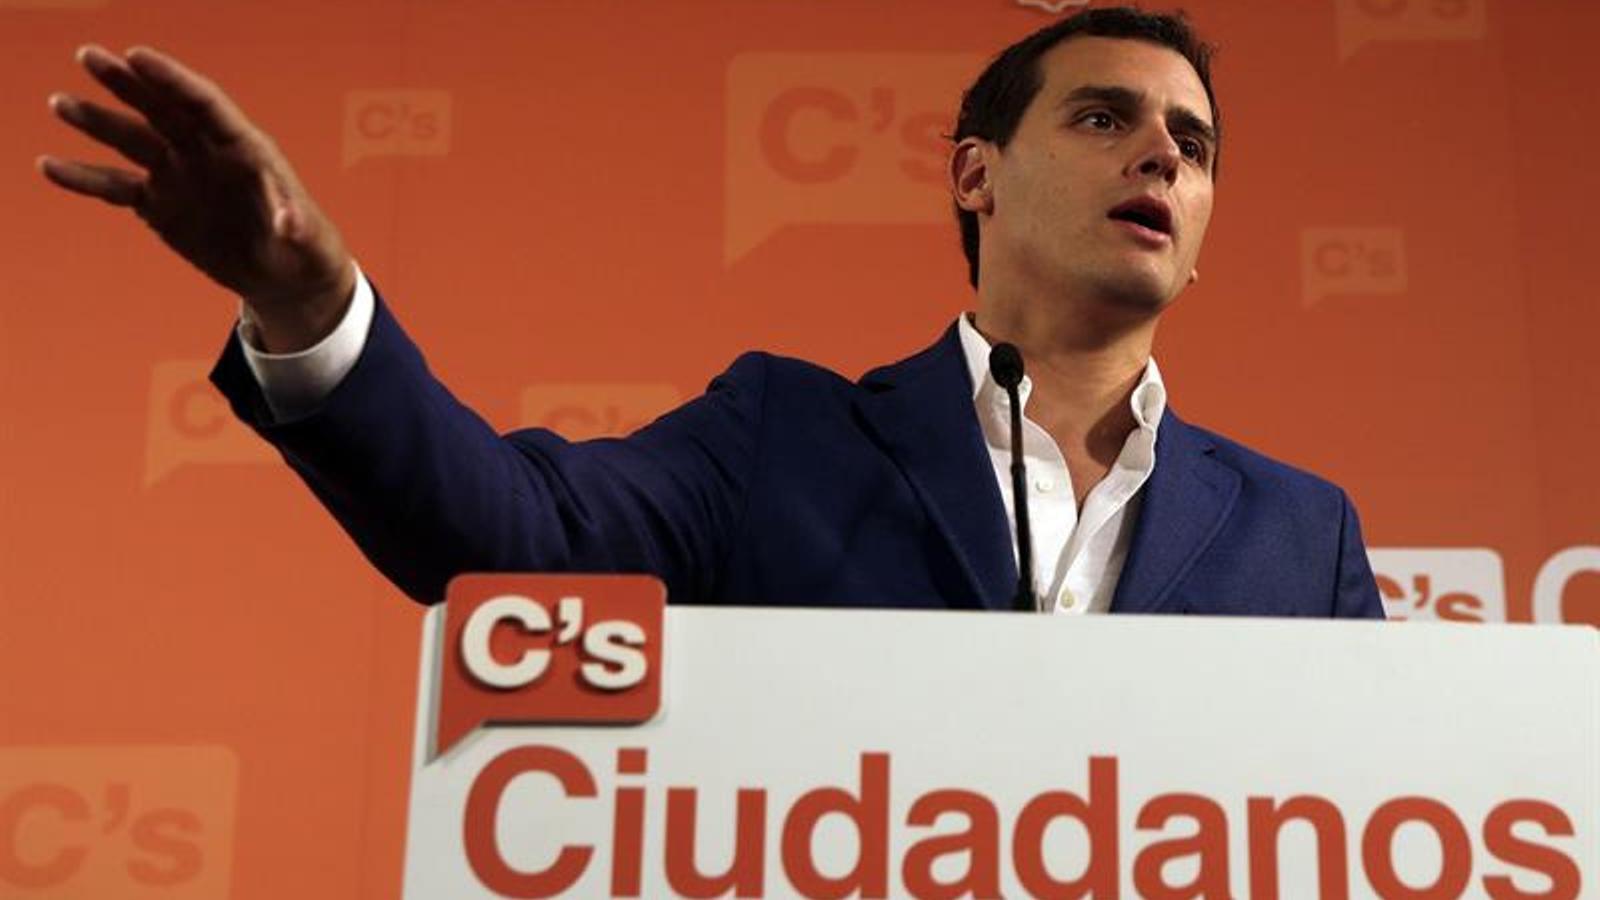 El líder de Ciutadans, Albert Rivera, aquest dimecres a Barcelona. EFE